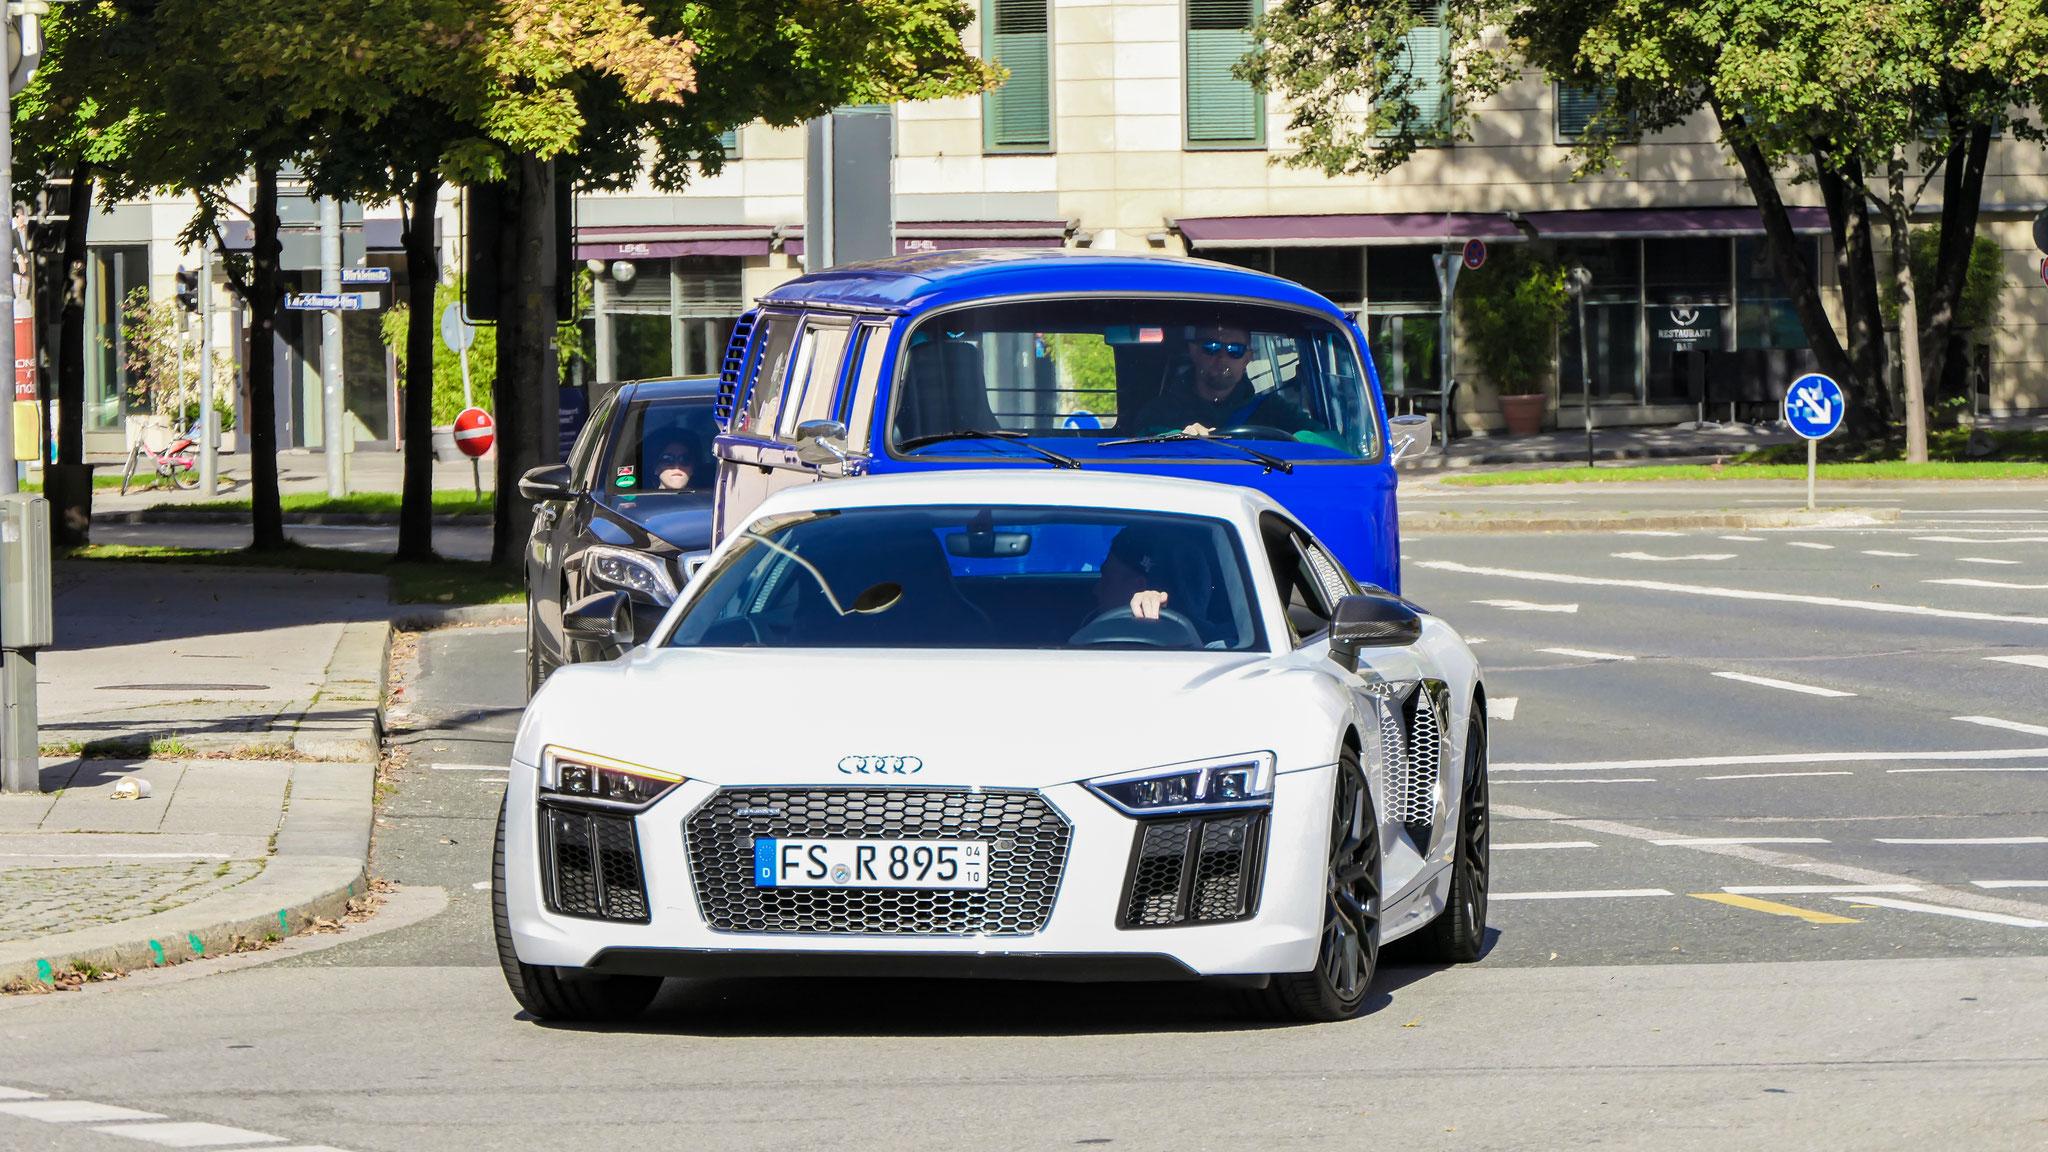 Audi R8 V10 - FS-R-895